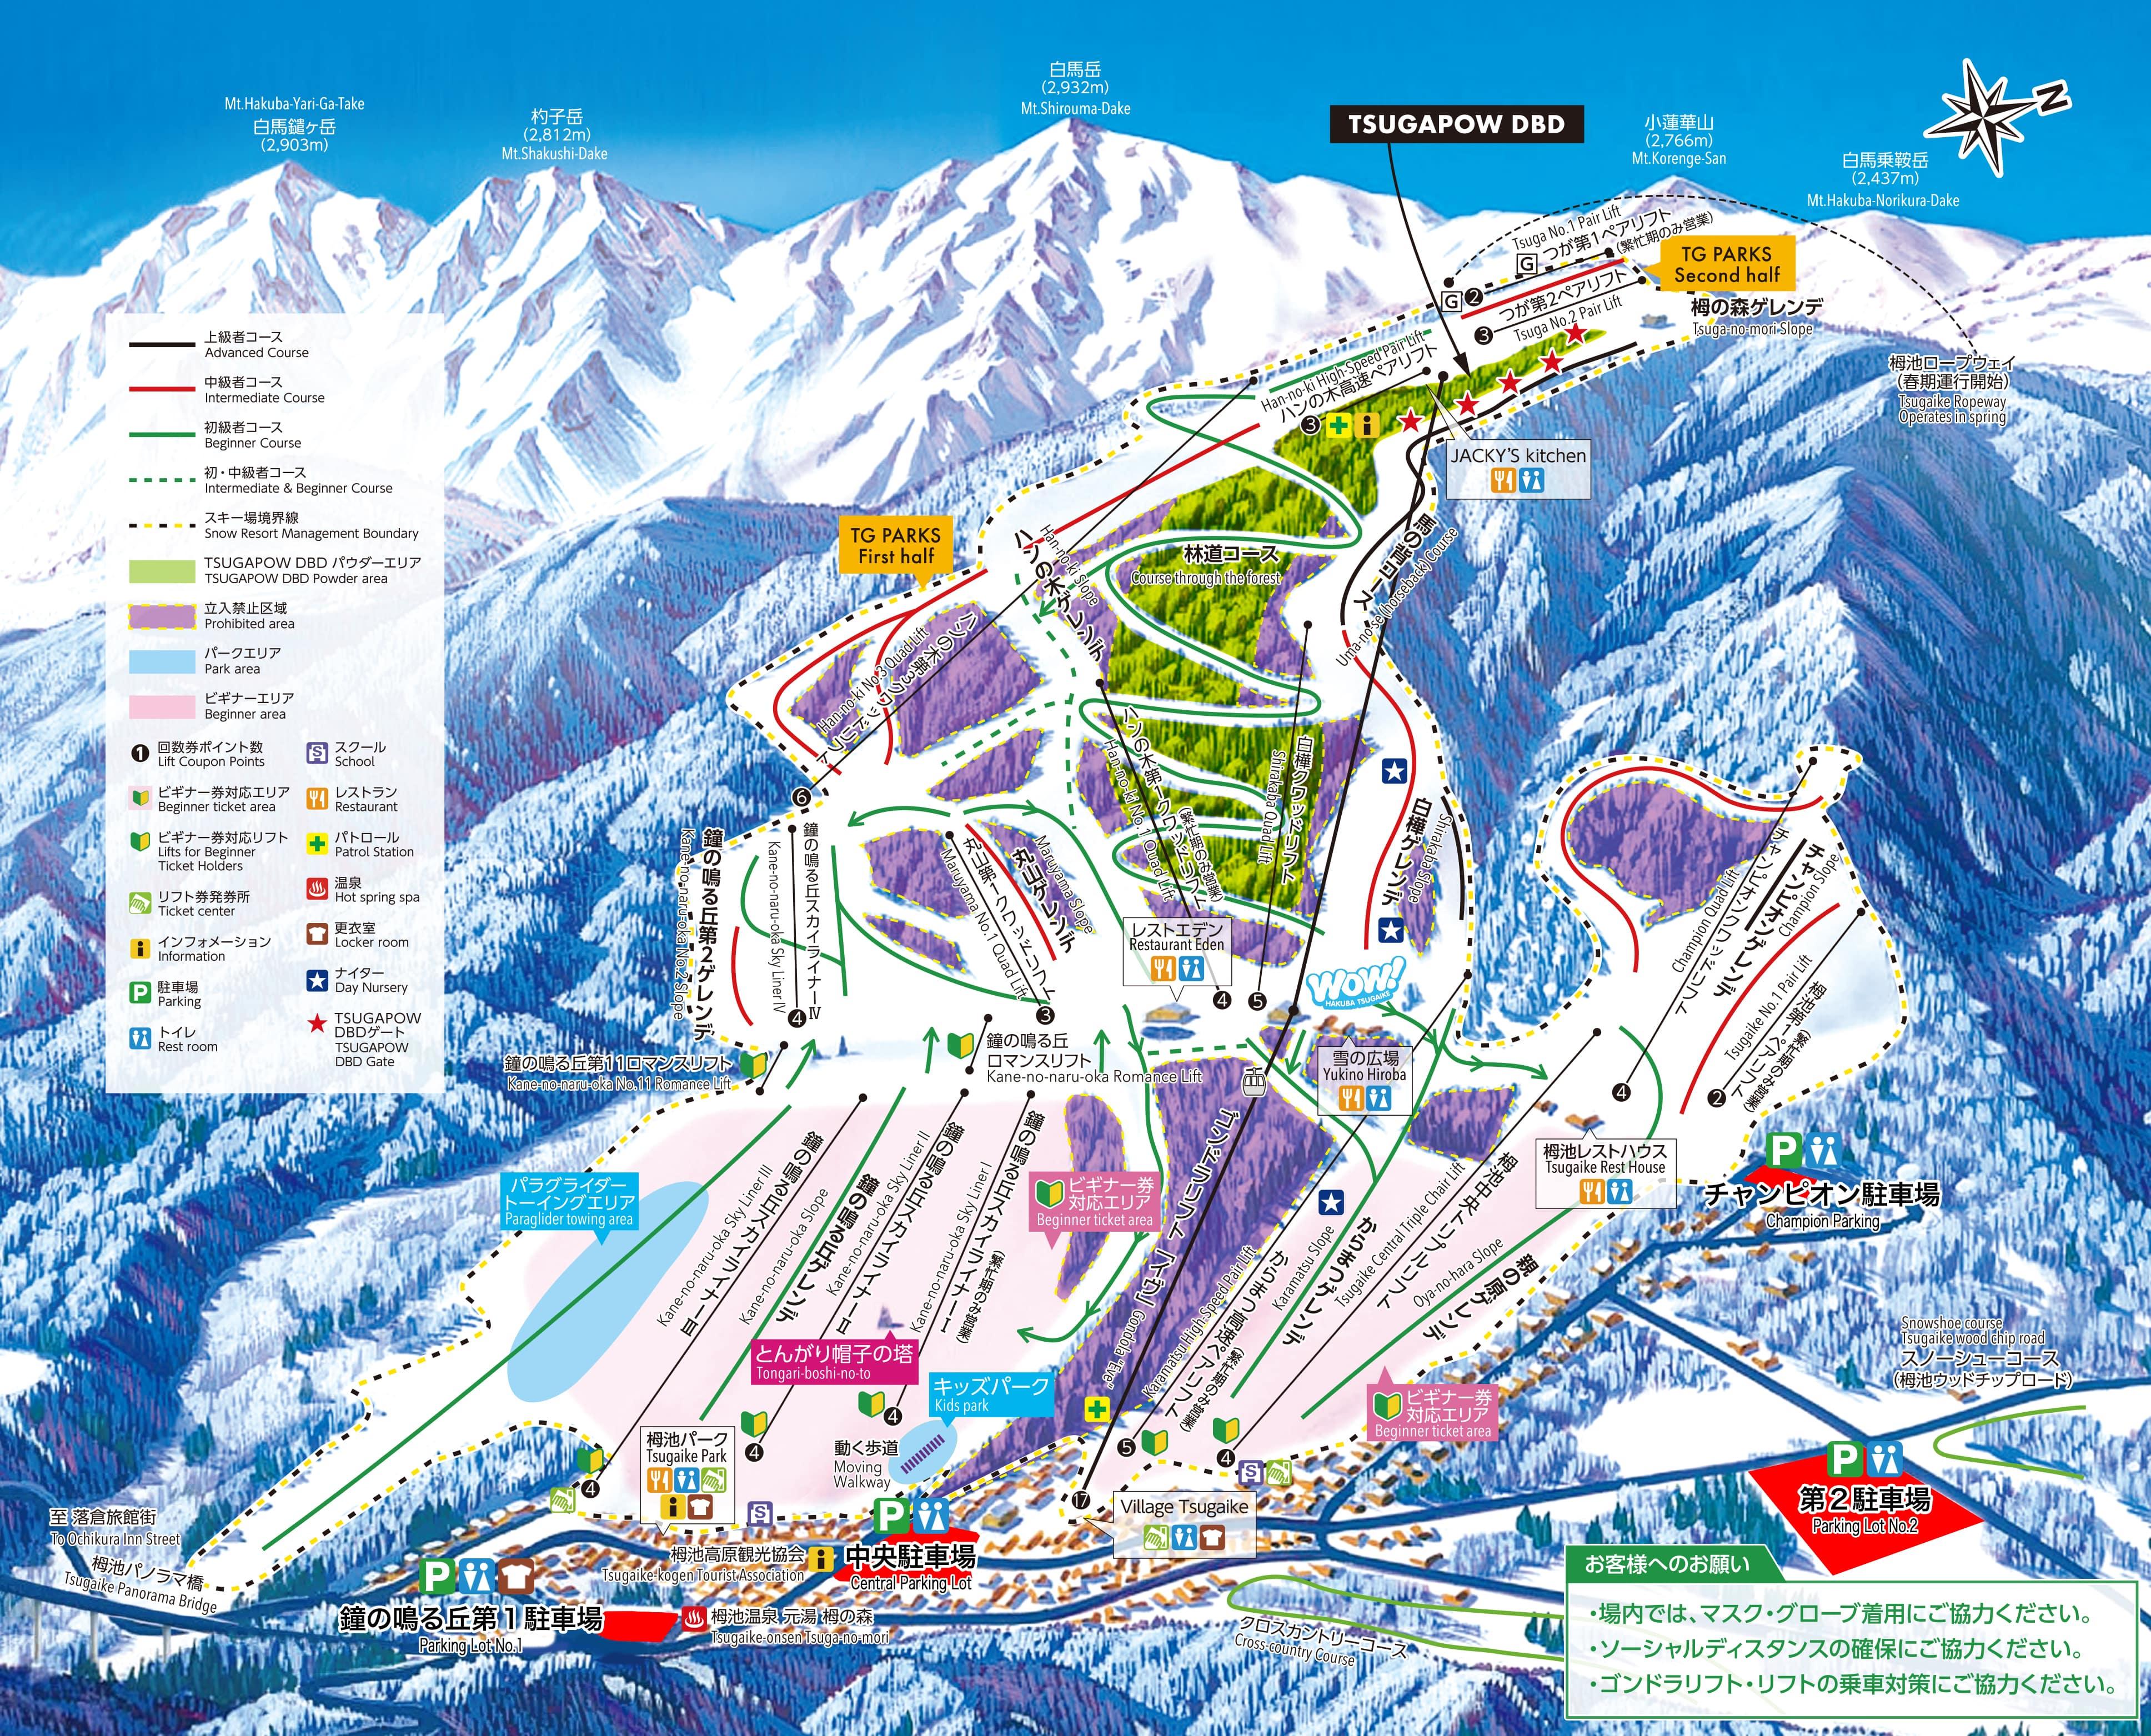 栂池高原滑雪场